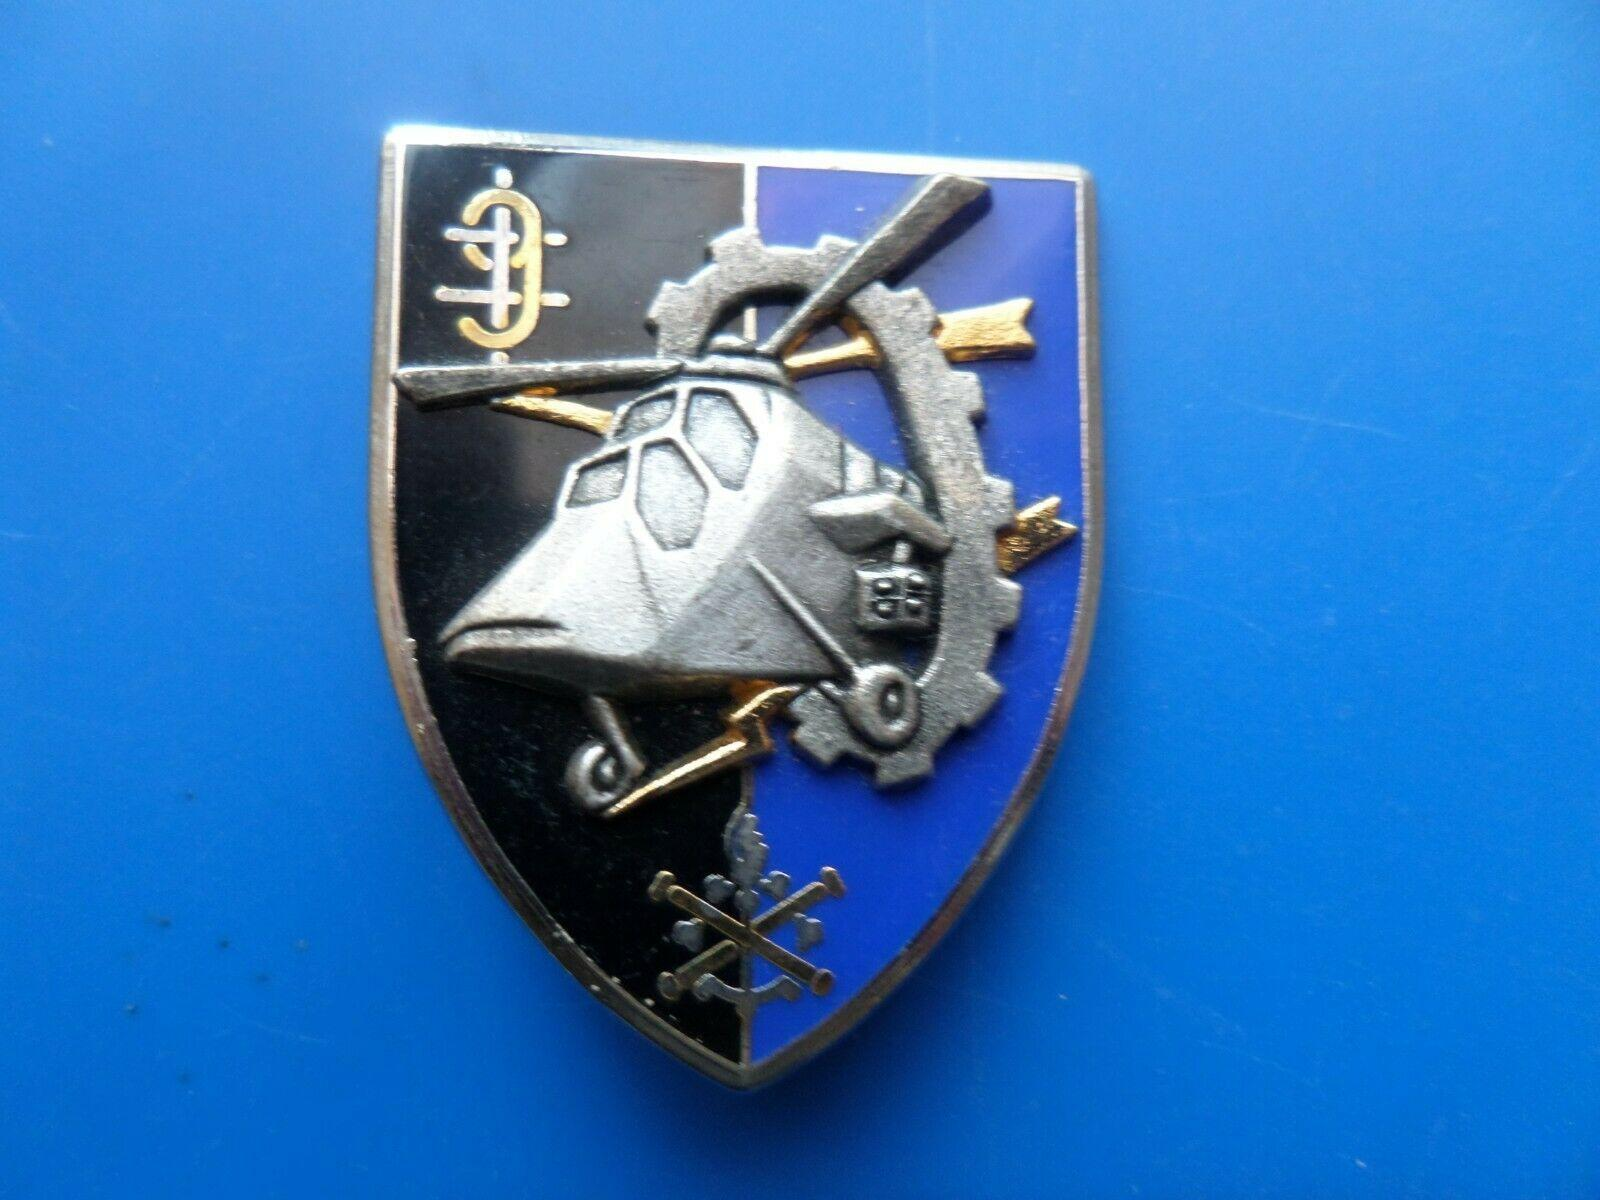 9 regiment soutien aeromobile